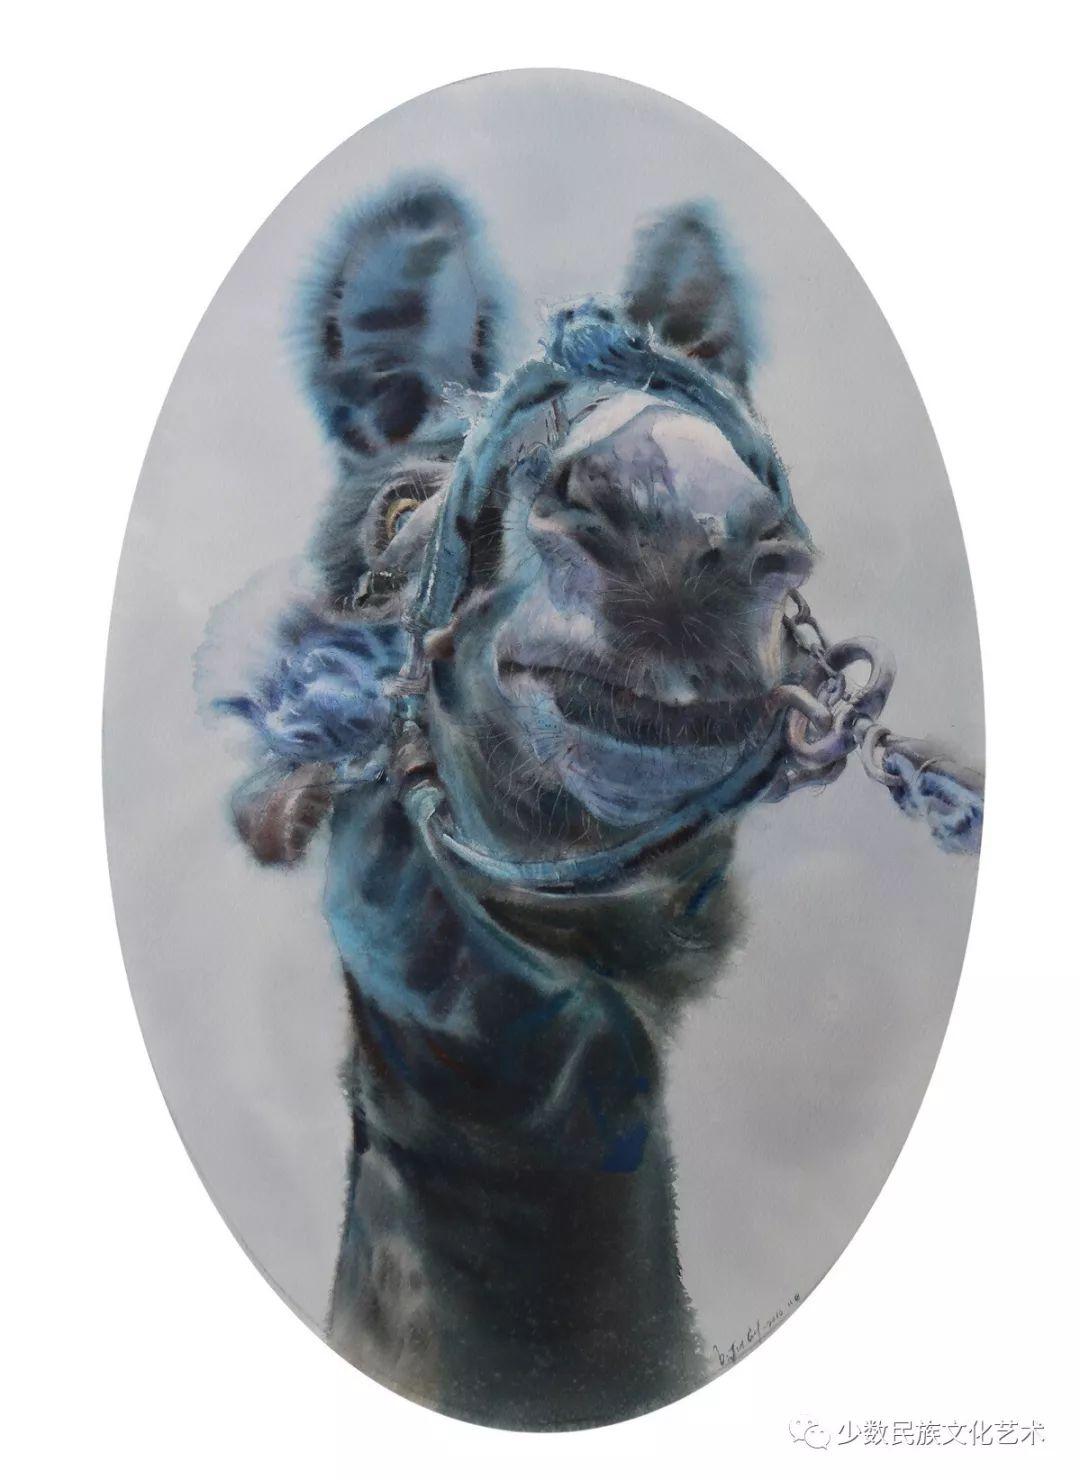 蒙古族青年水彩画家金光作品欣赏 第4张 蒙古族青年水彩画家金光作品欣赏 蒙古画廊